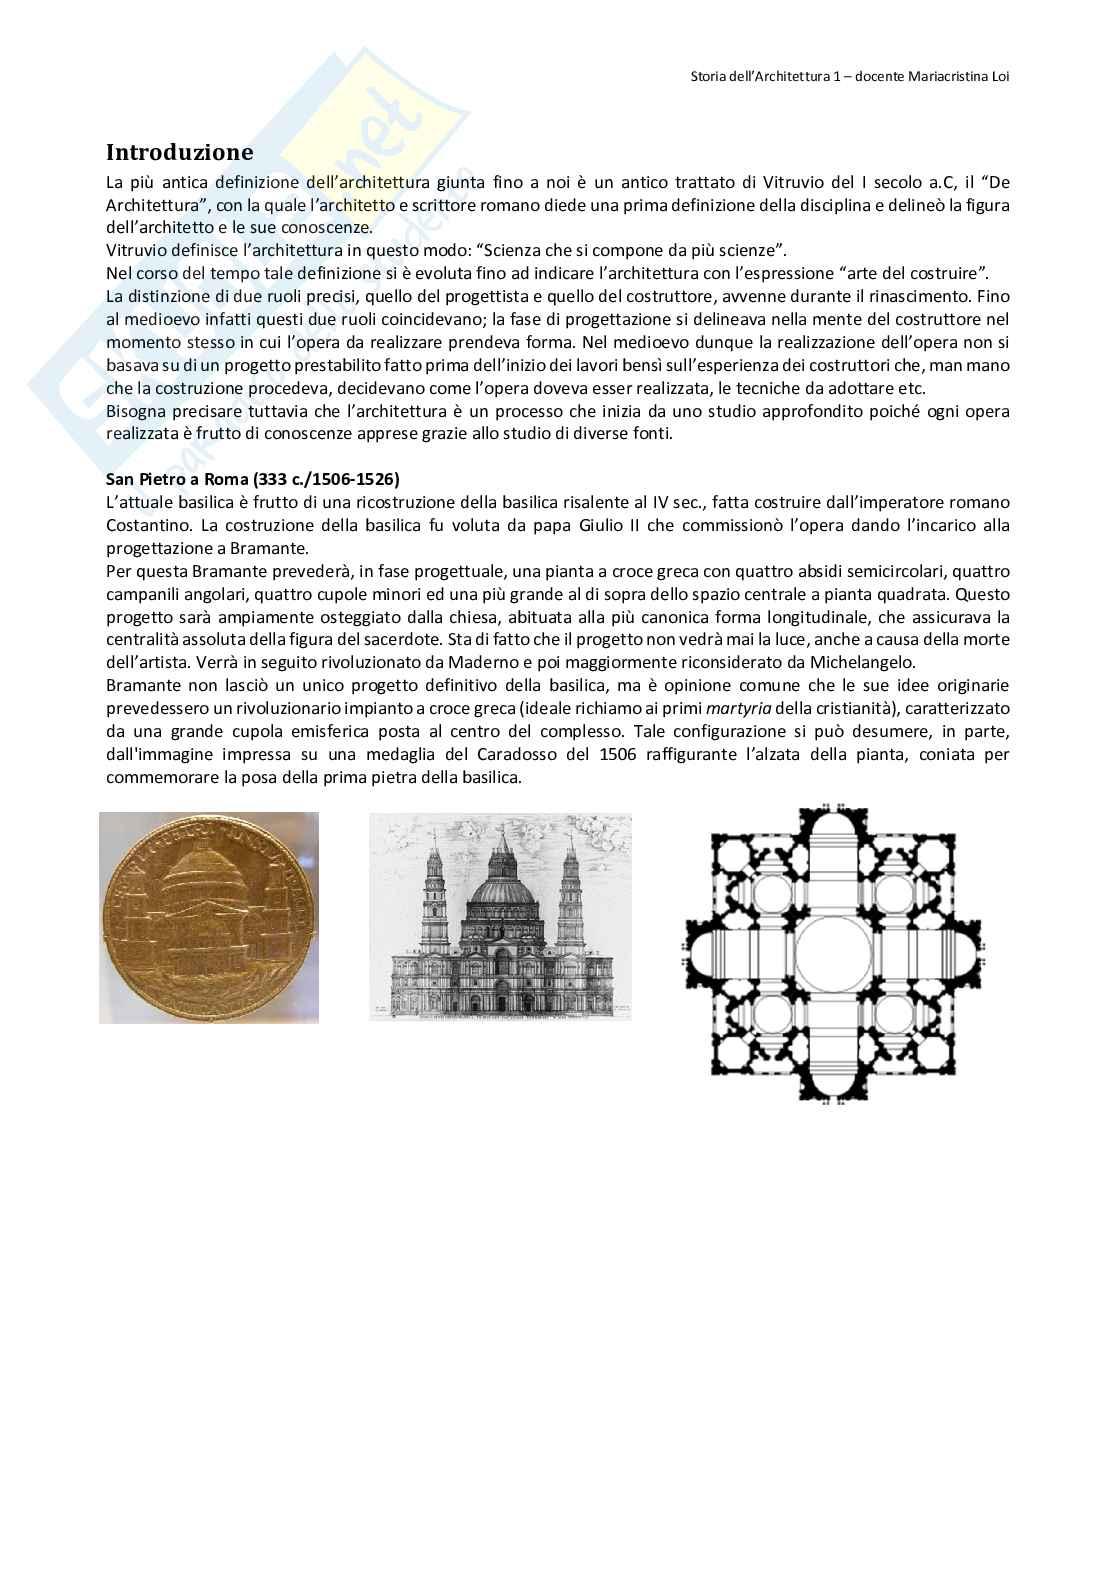 Appunti Storia dell'architettura 1